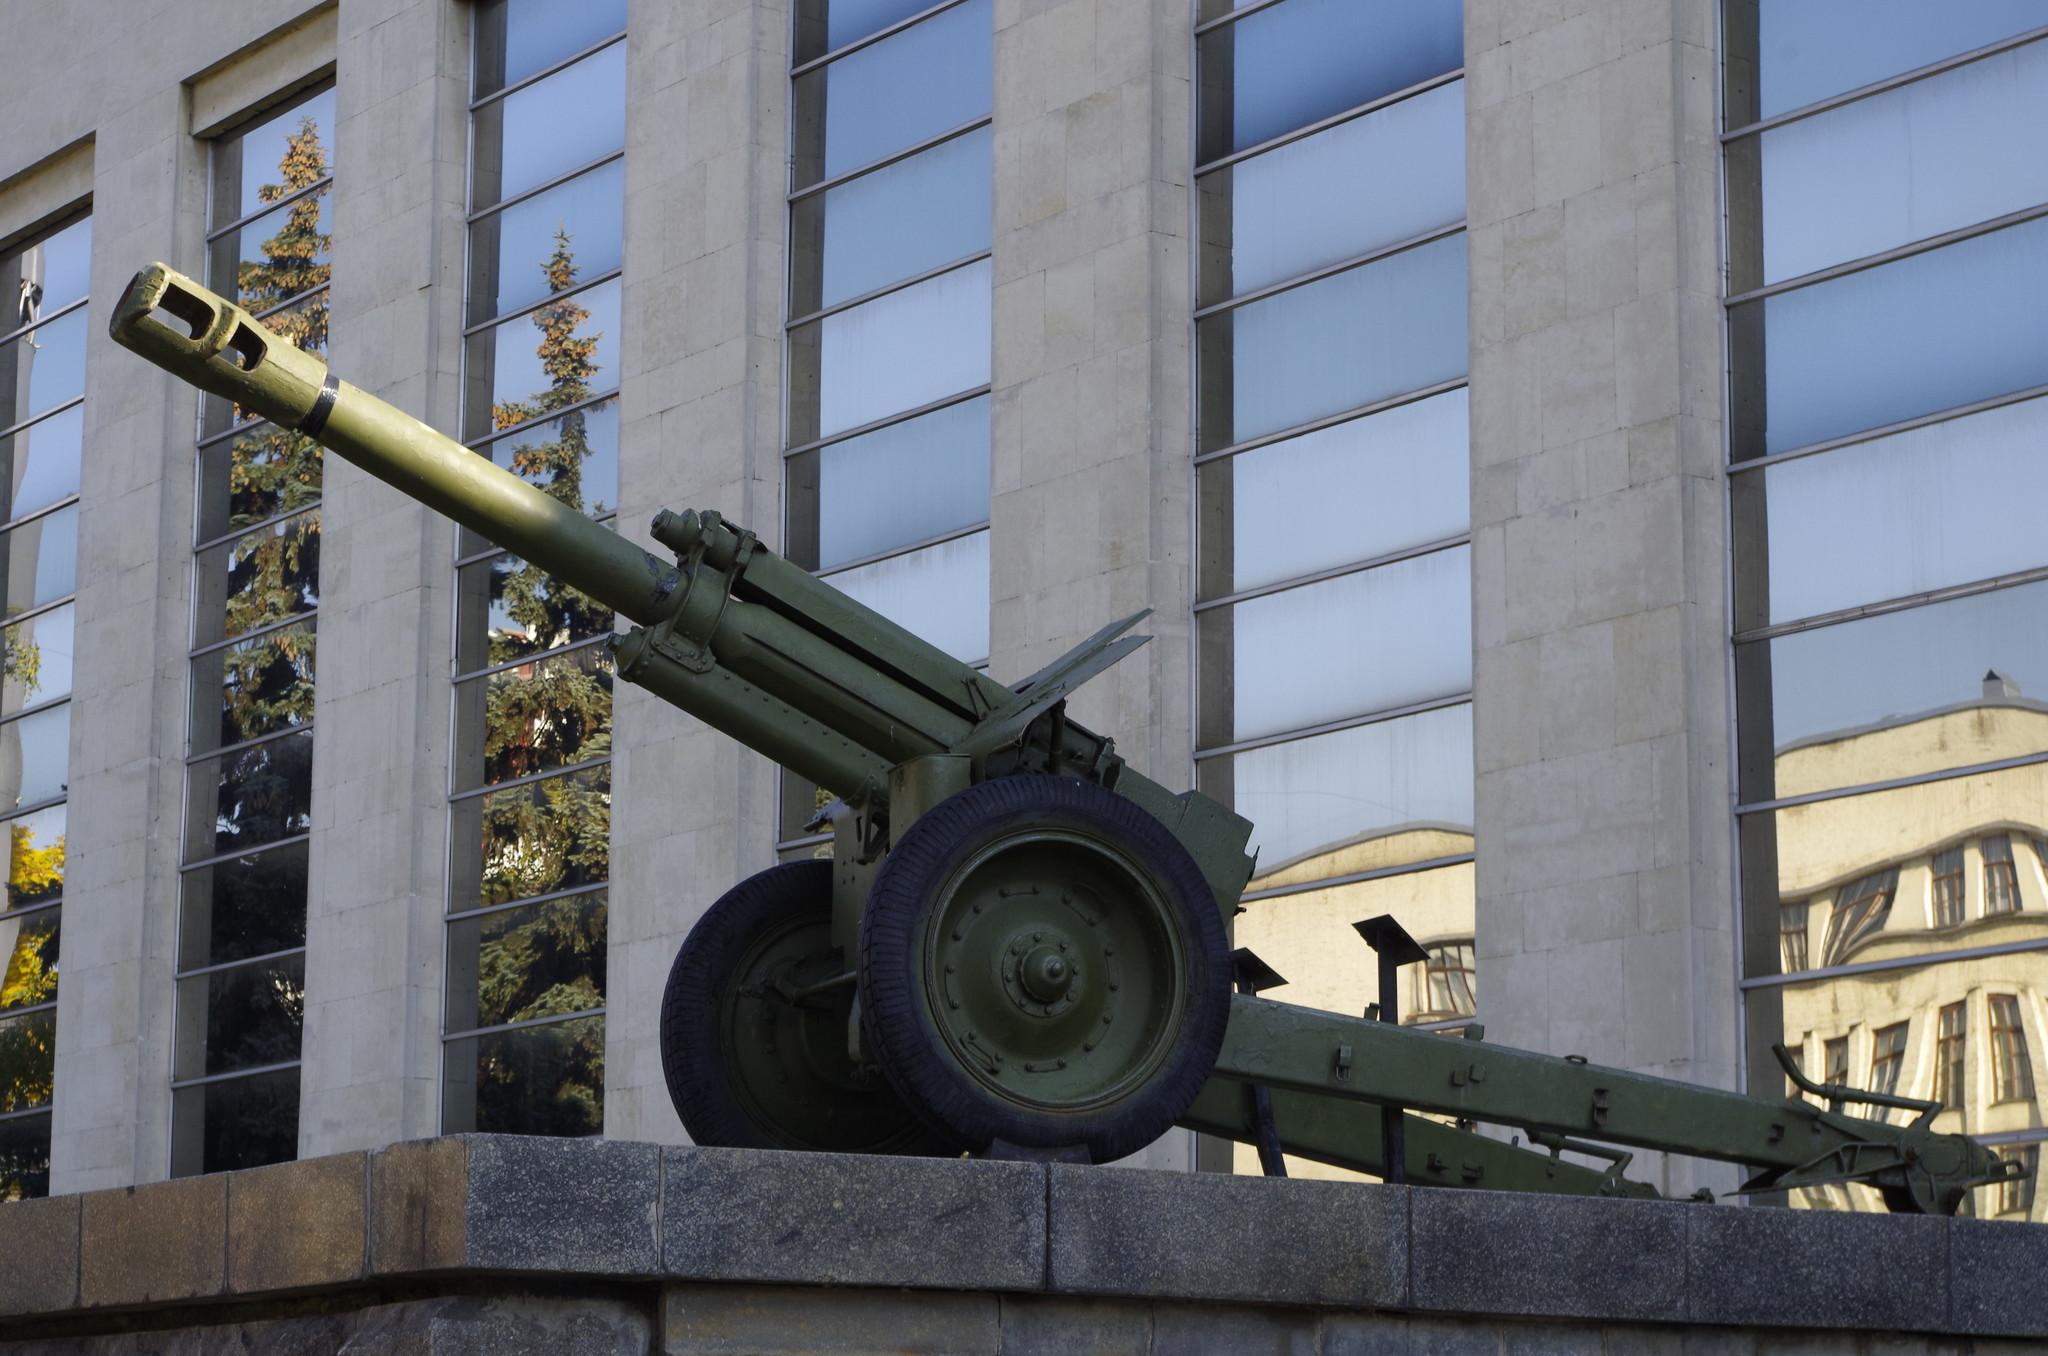 152-мм гаубица обр.1943 г. у входа в Центральный музей Вооруженных Сил